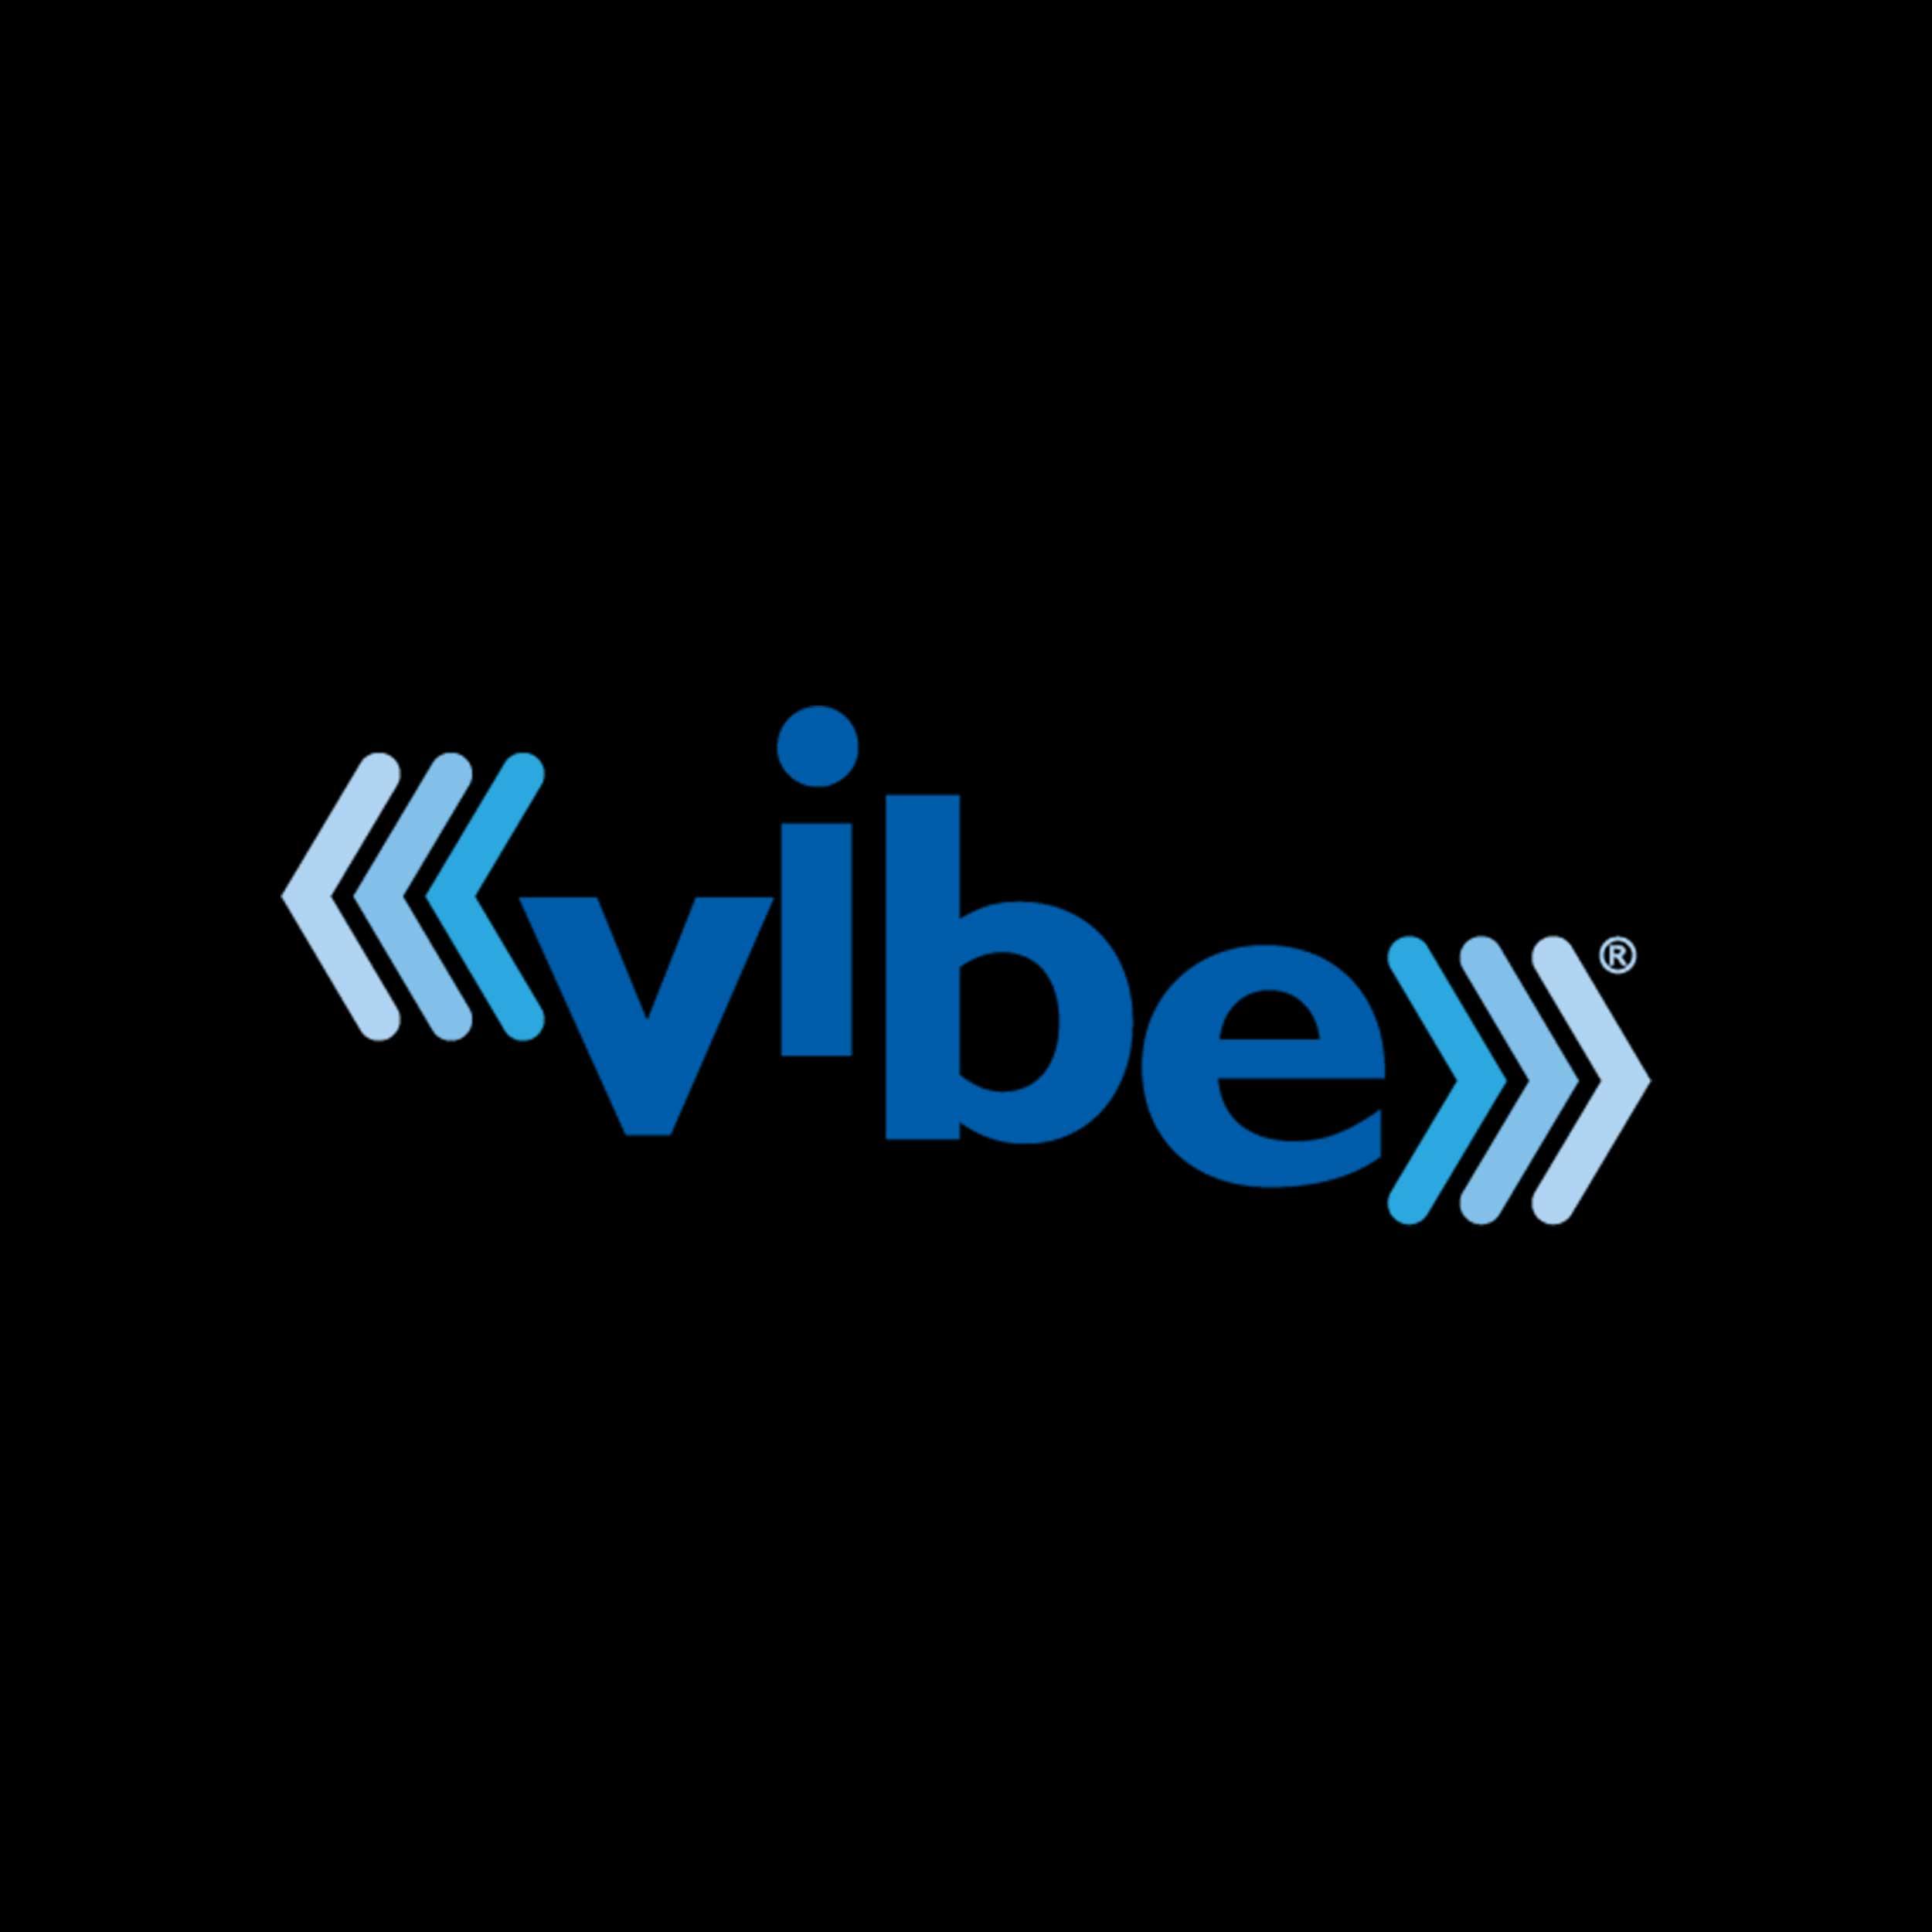 VIBE Logo - Vibrating Mesh Technology